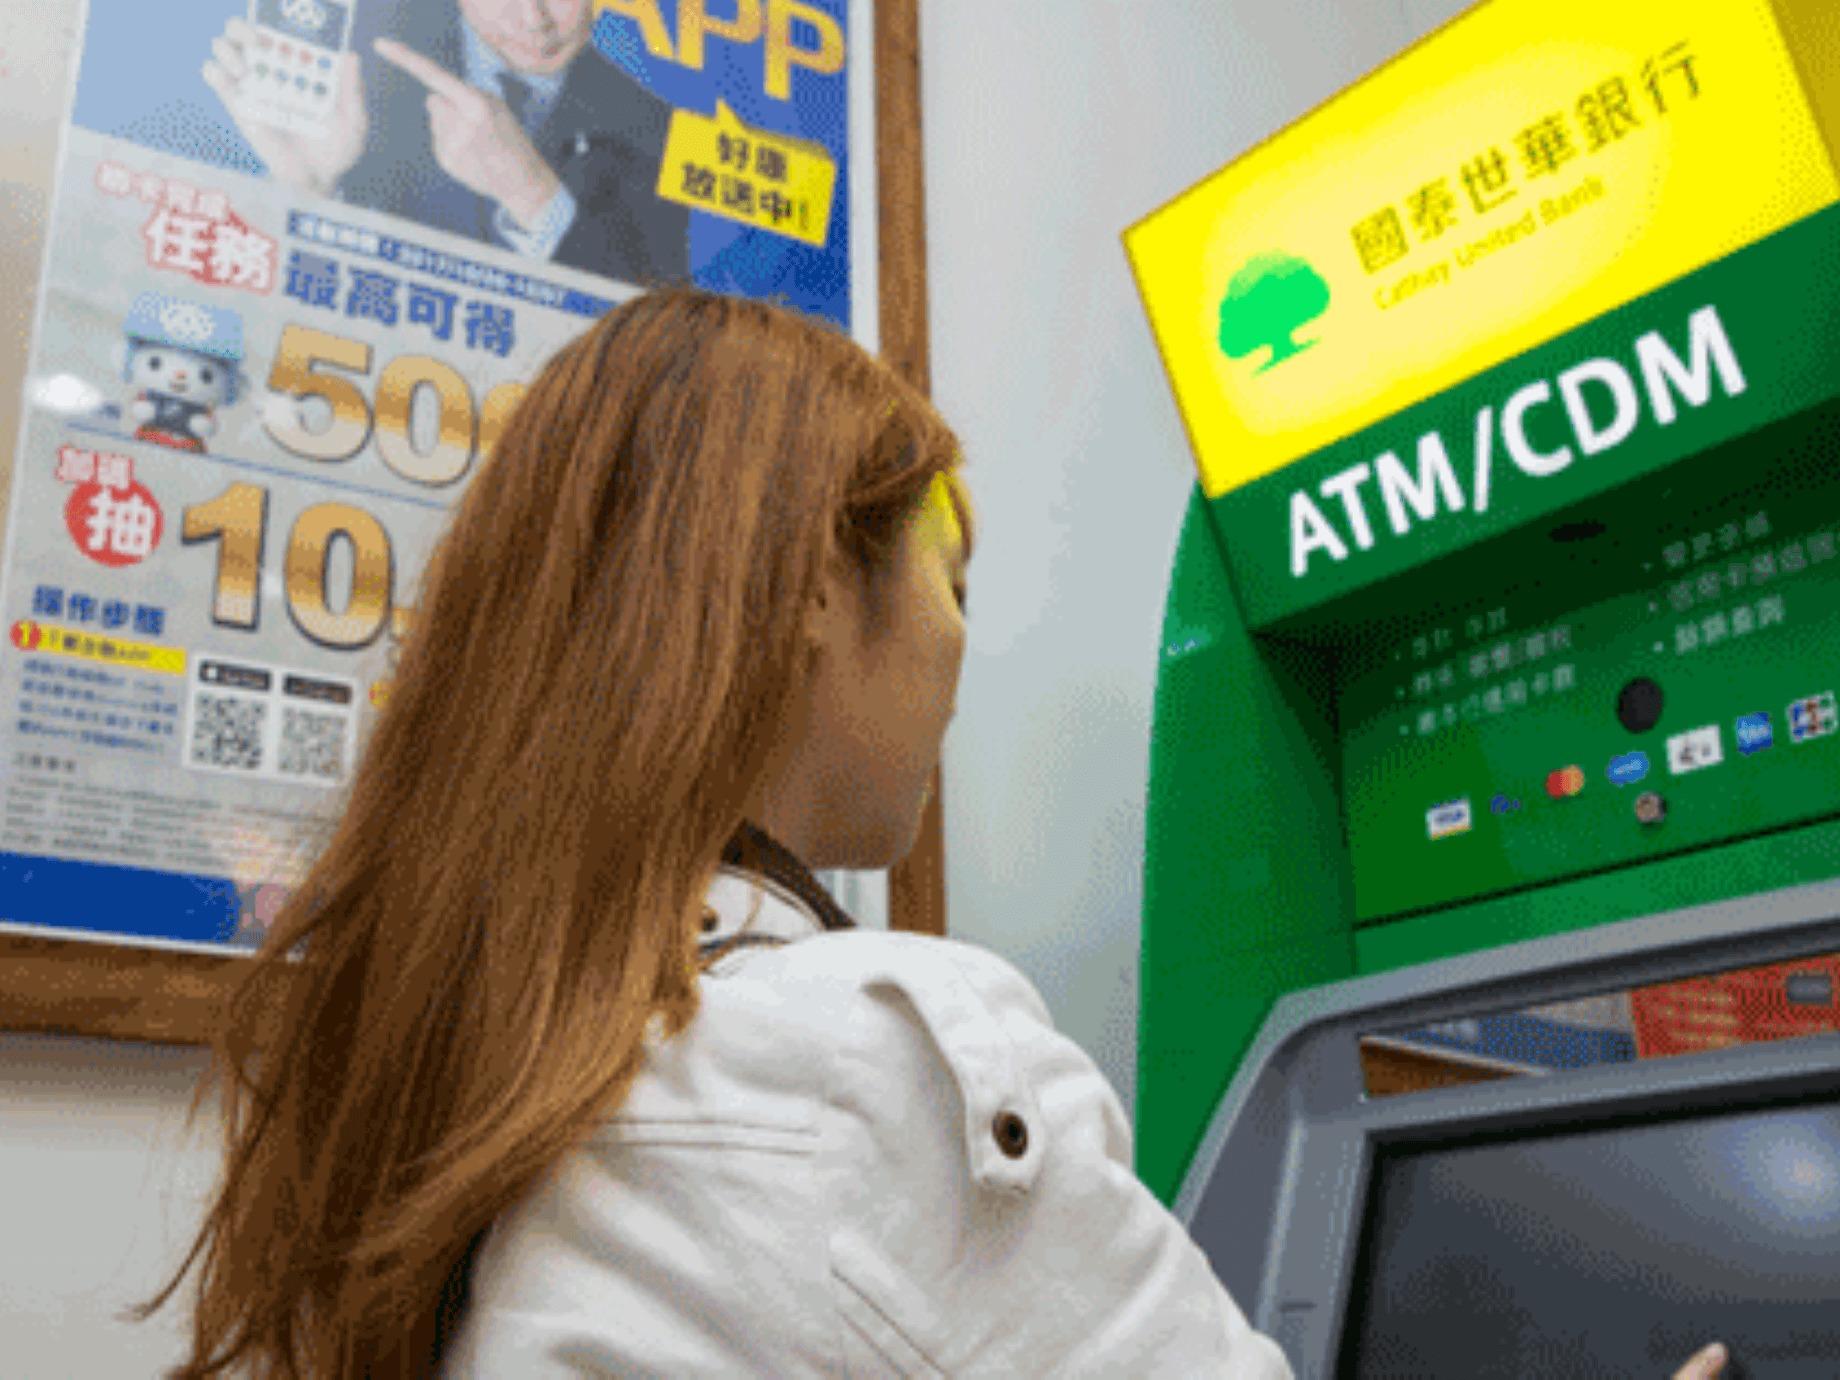 電子支付成顯學?2點看懂為何銀行仍爭搶ATM據點